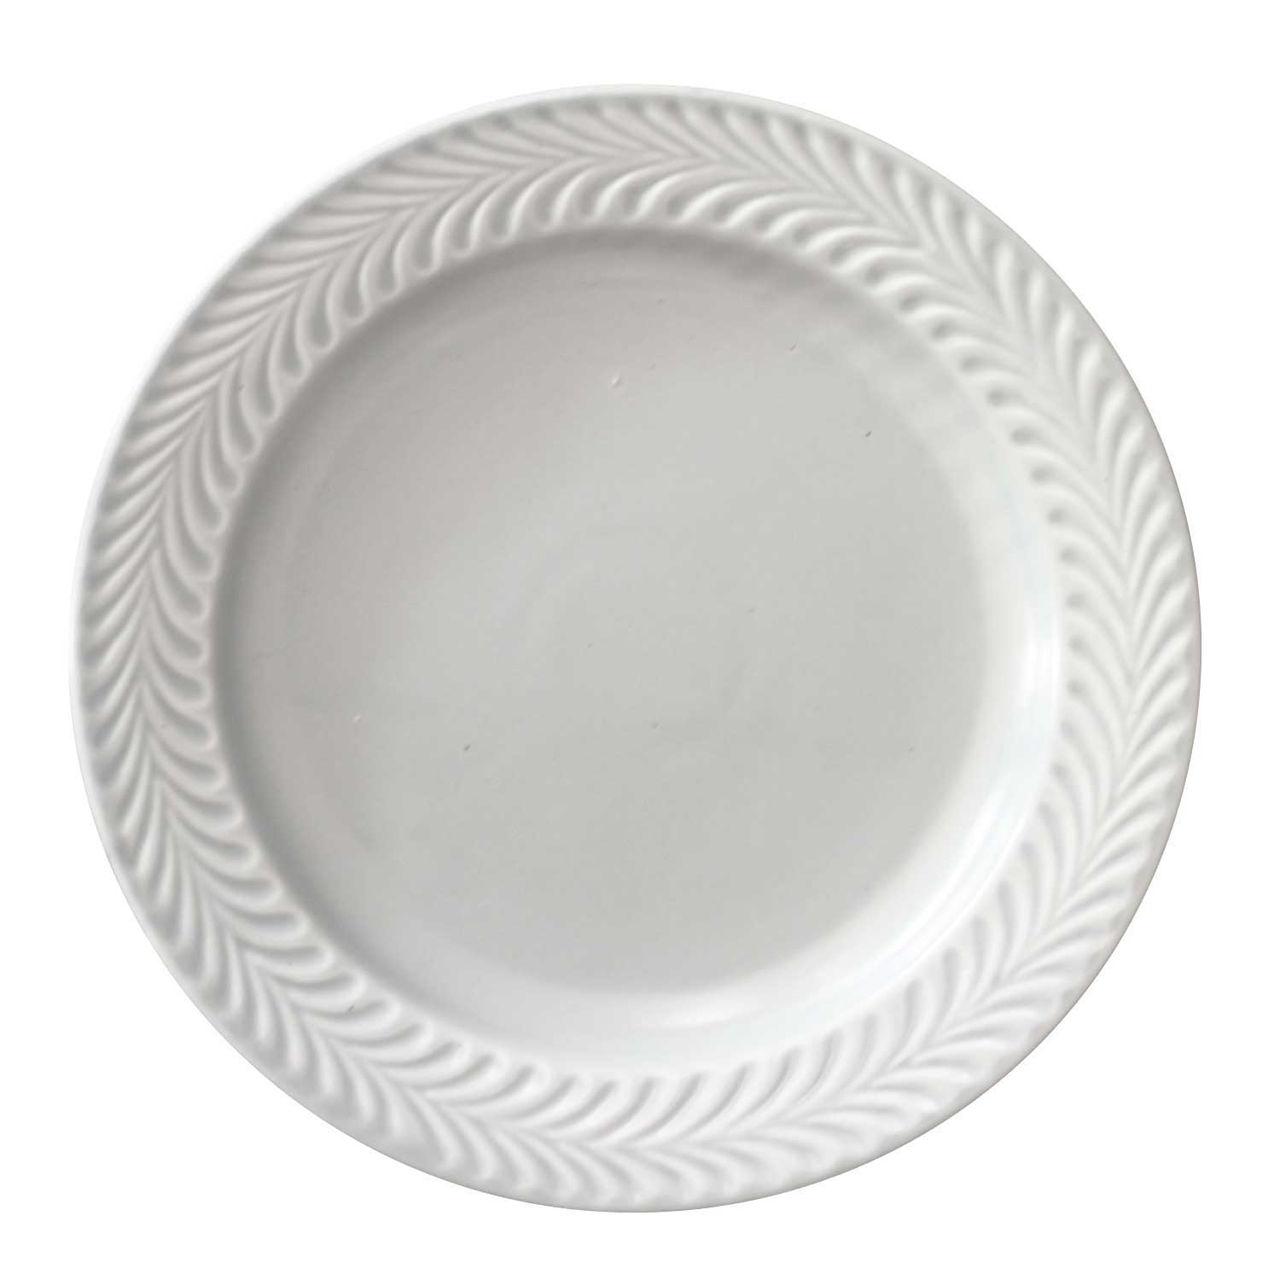 波佐見焼 翔芳窯 ローズマリー リムプレート 皿 17.5cm マットグレー